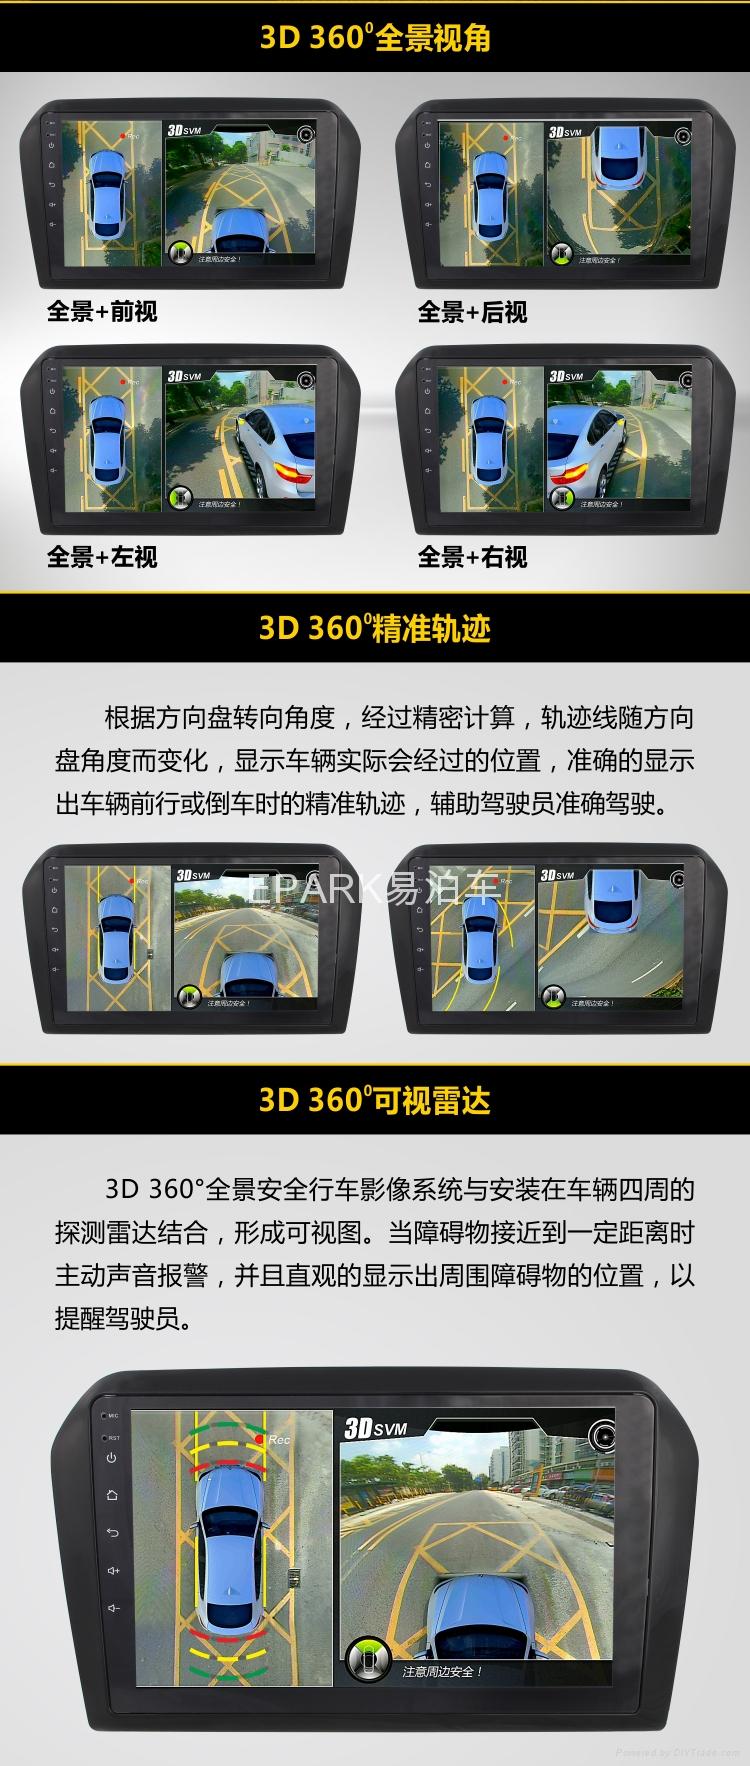 3D 360度全景行车安全影像系统 5